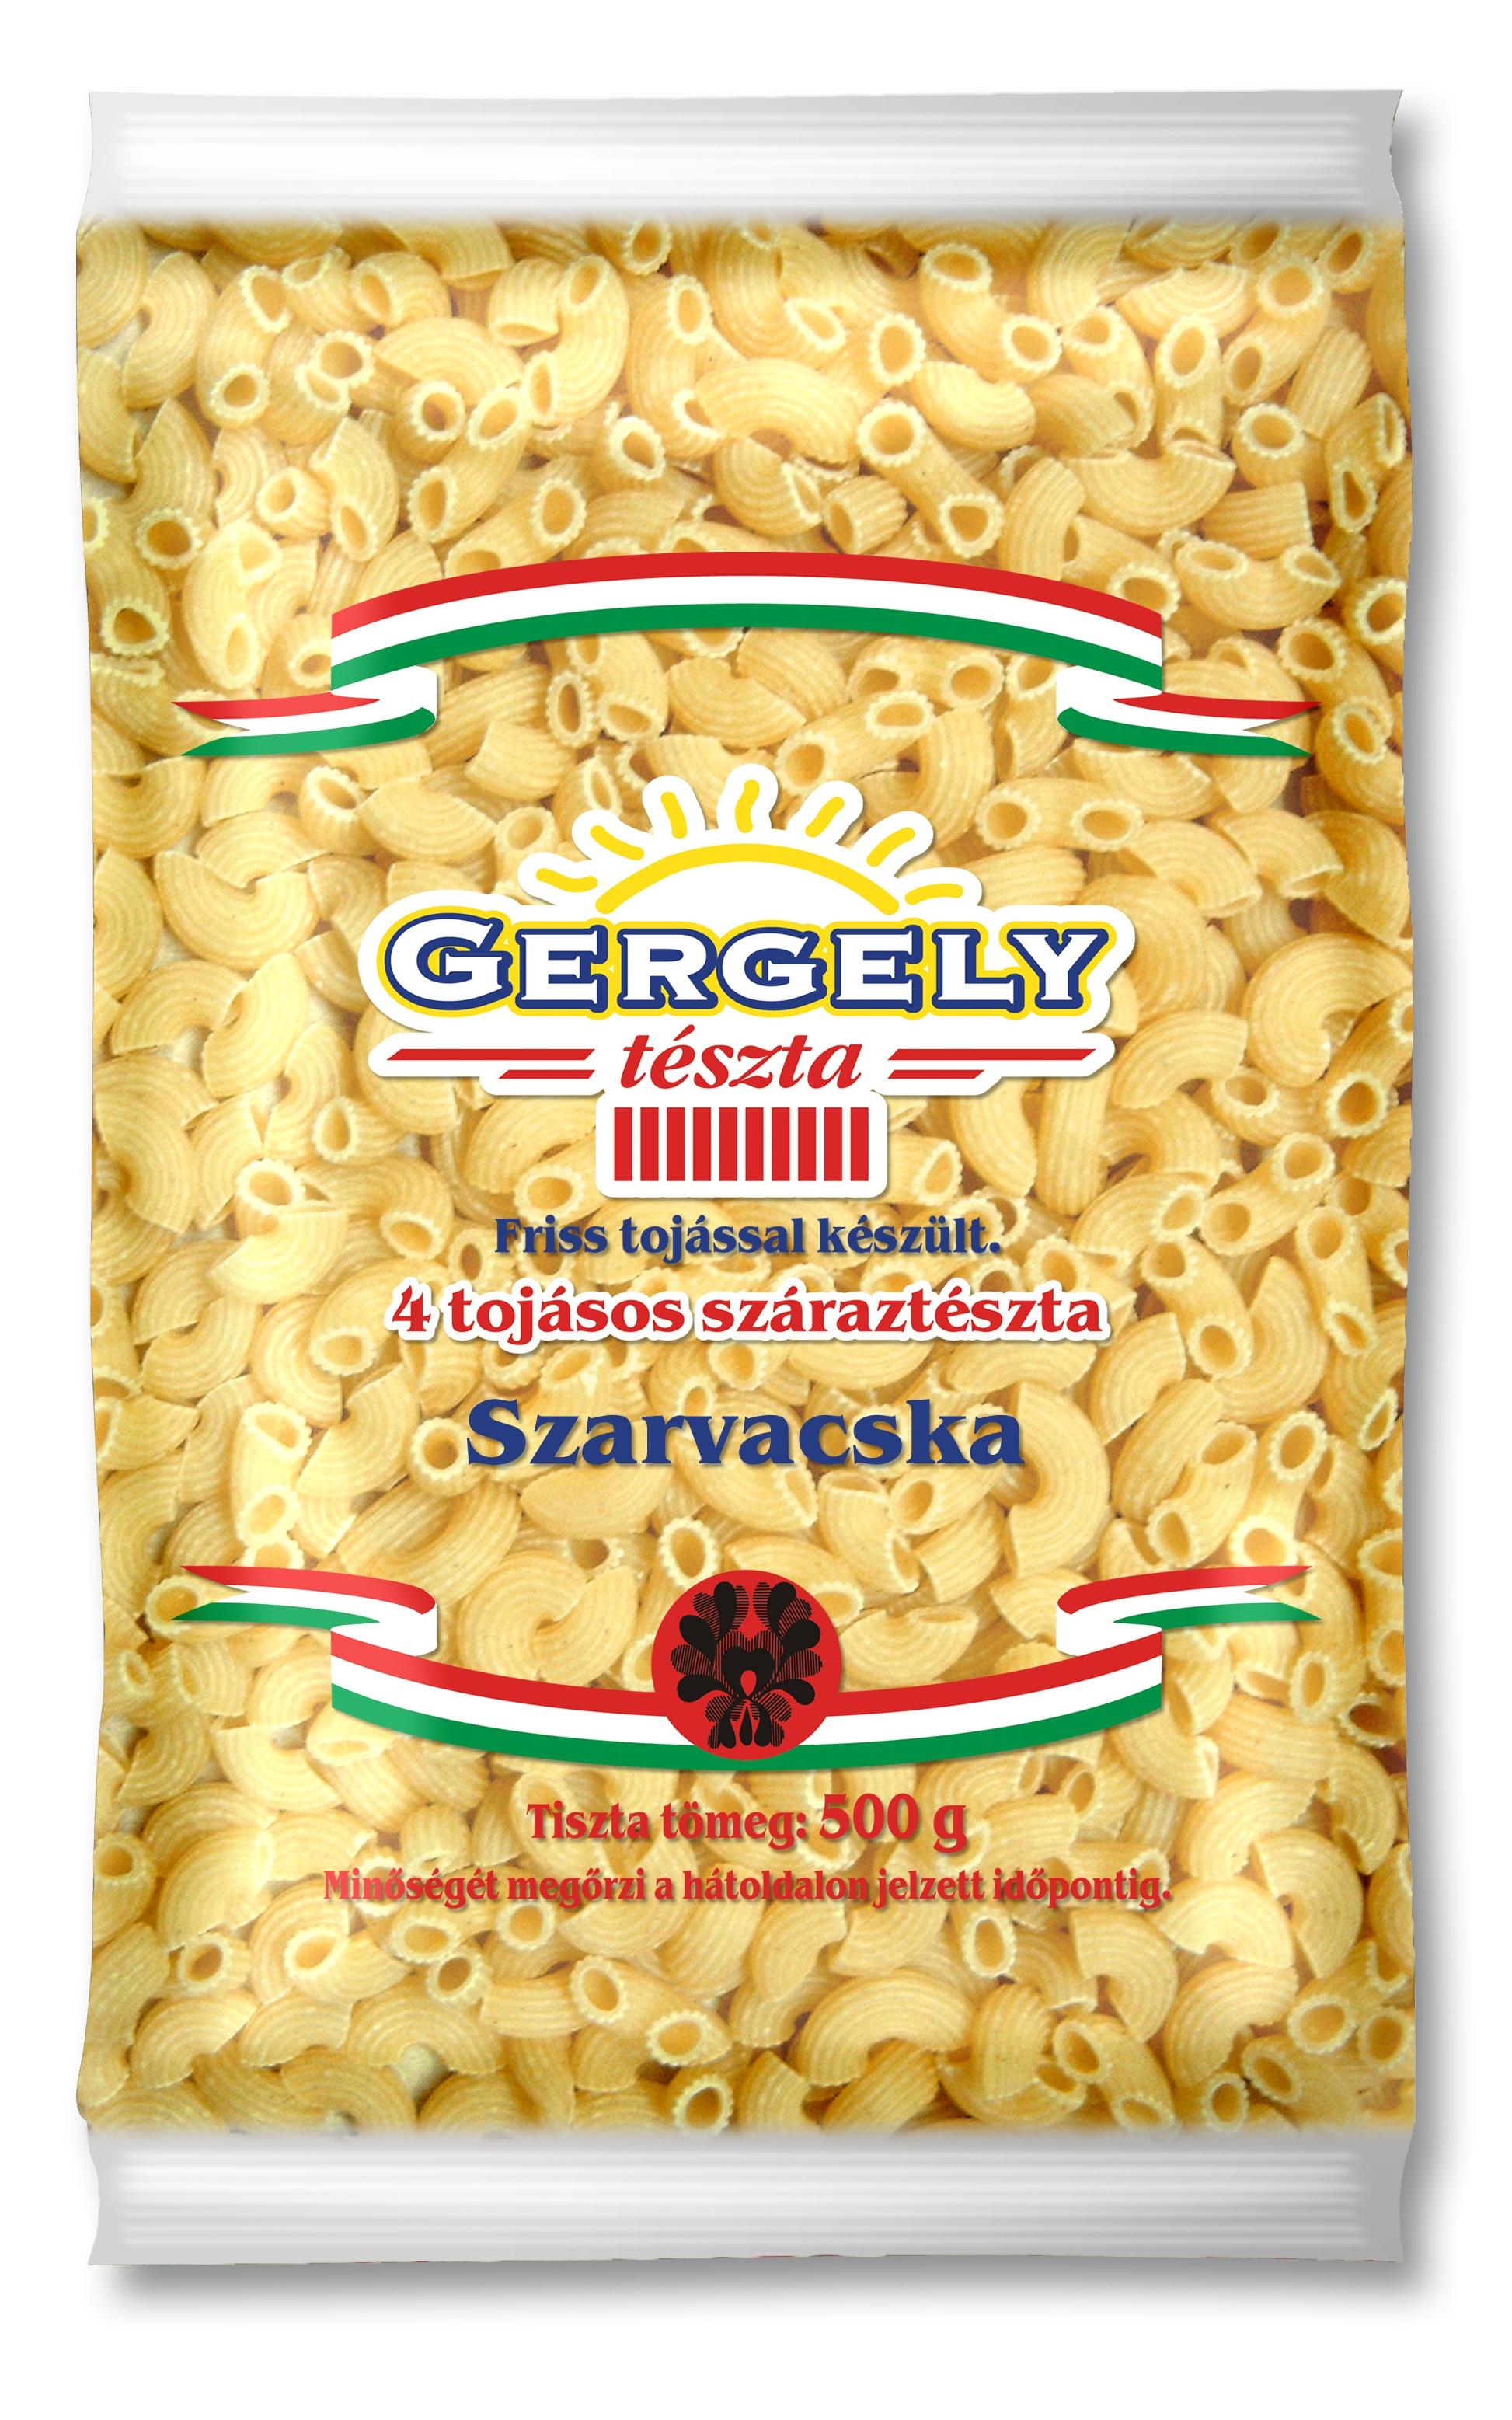 Szarvacska